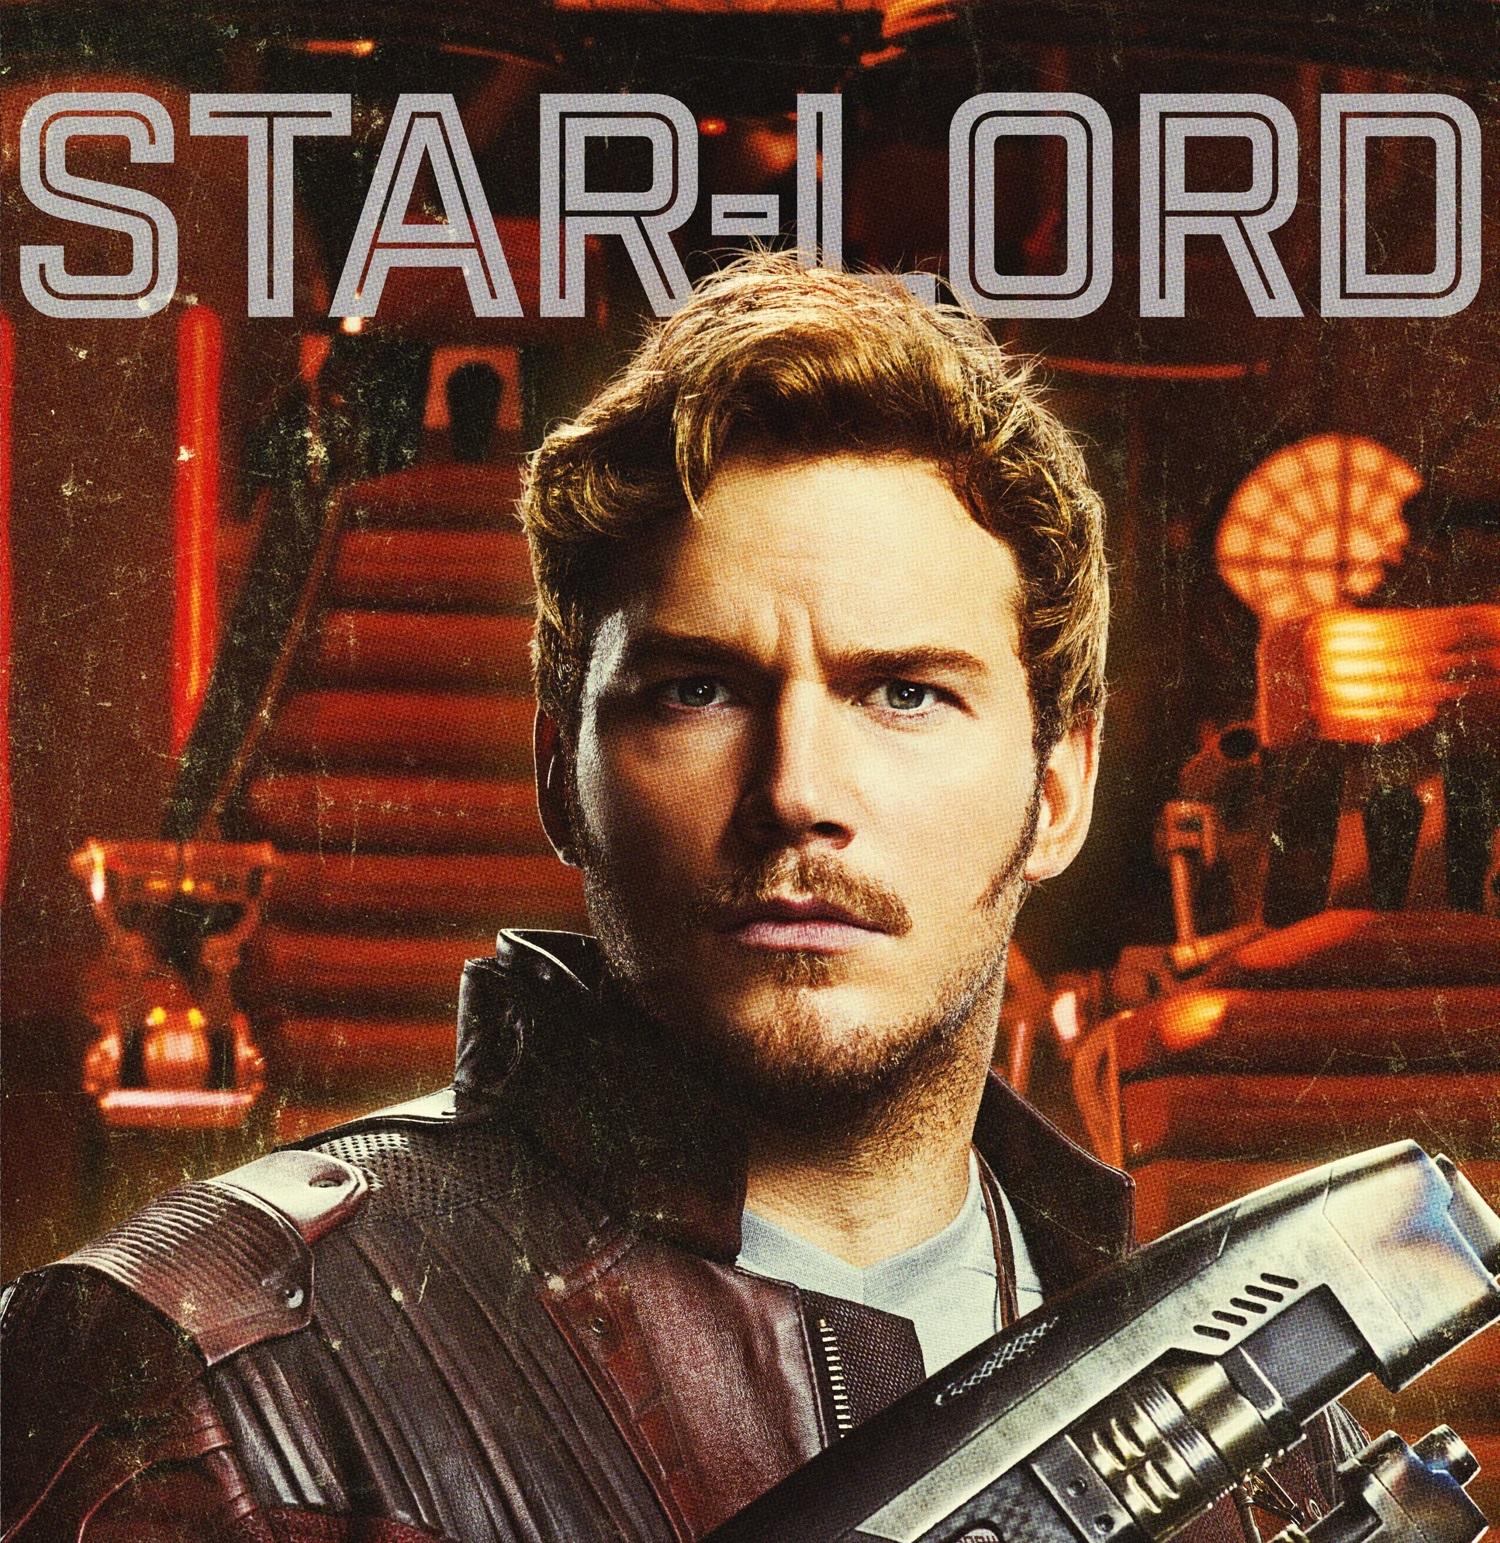 Personajes de Guardianes de la Galaxia (Star Lord)